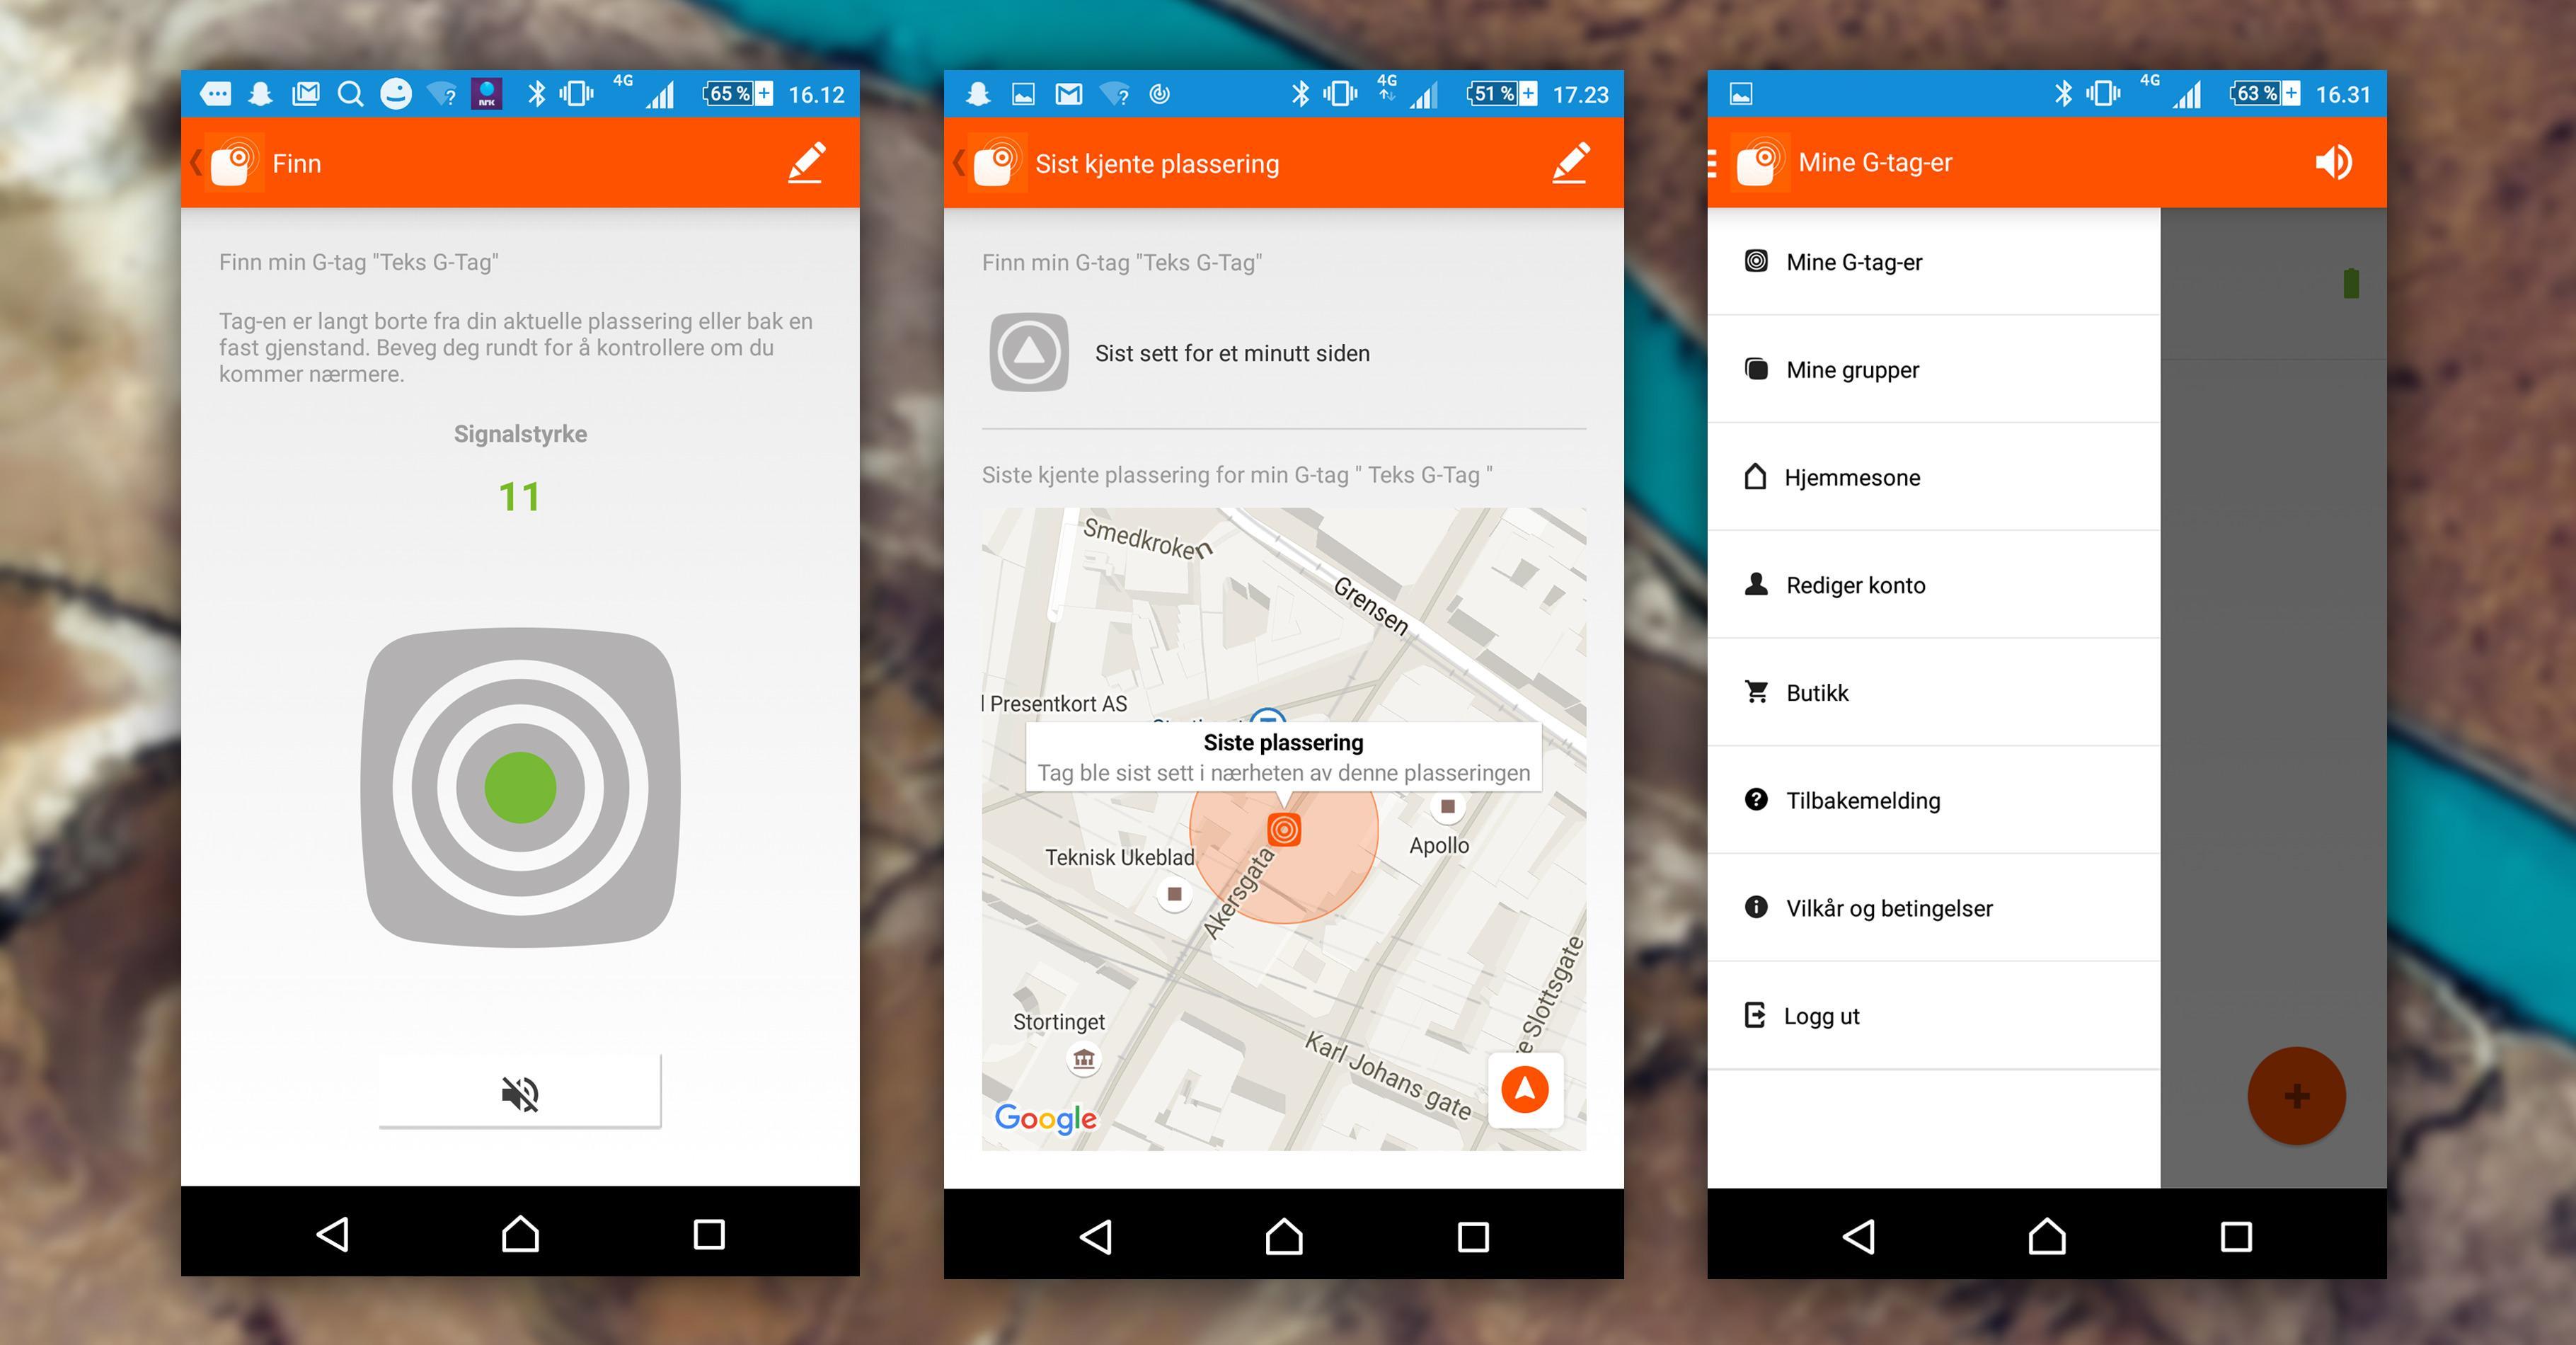 G-tag kommer utstyrt med en ganske pen app, som benytter en radarfunksjon til å fortelle deg hvor brikken befinner seg. I midten er et bilde av hjemmesonefunksjonen, som lar deg fininnstille radiusen hjemmesonen skal være innenfor.